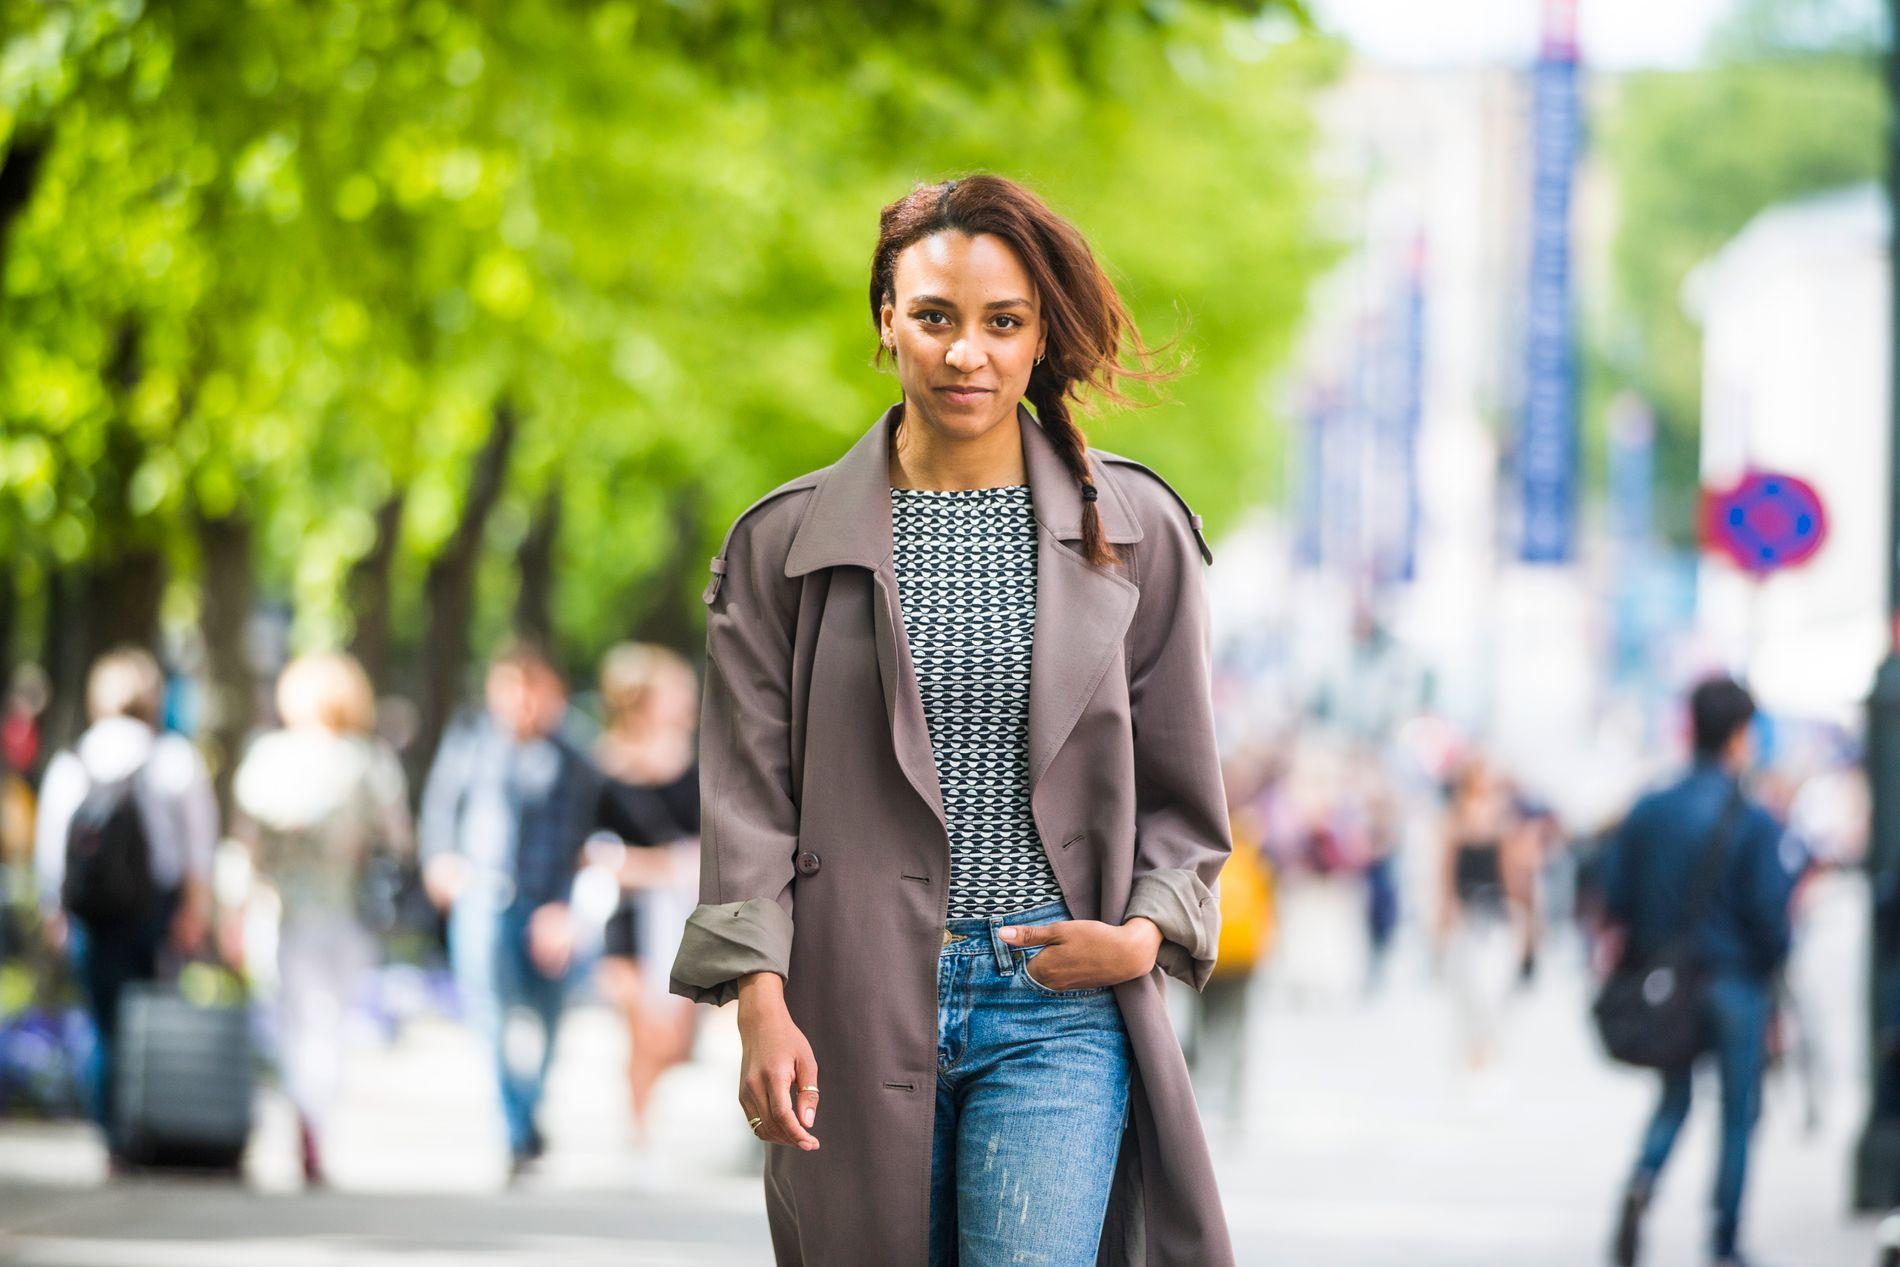 PRIVAT: Evelyn Rasmussen Osazuwa på gaten hjemme i Oslo, iført et av sine favorittplagg - oldemors gamle frakk.